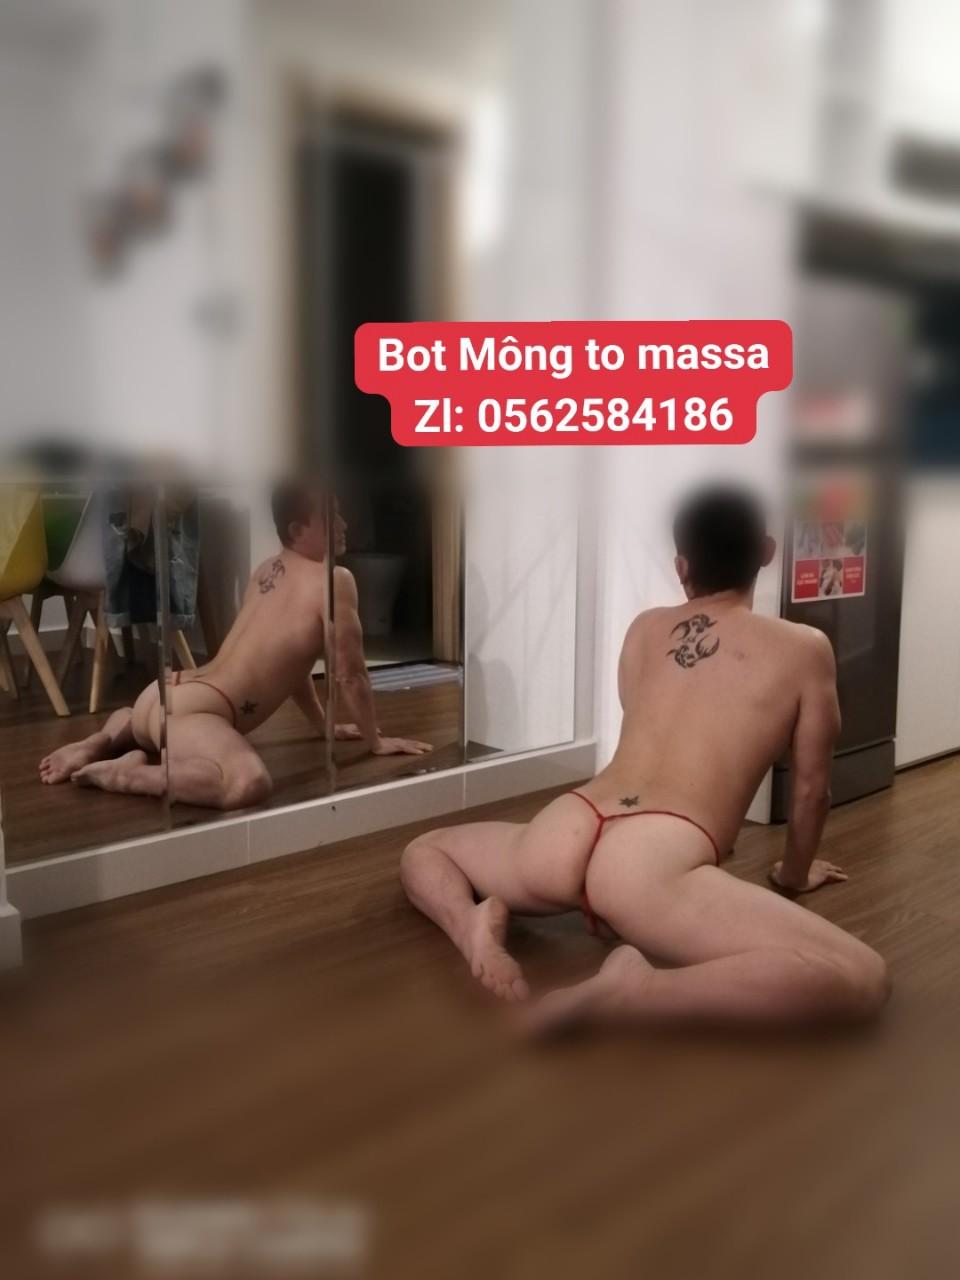 🍑 Bot Mông to làm matxa ở SG